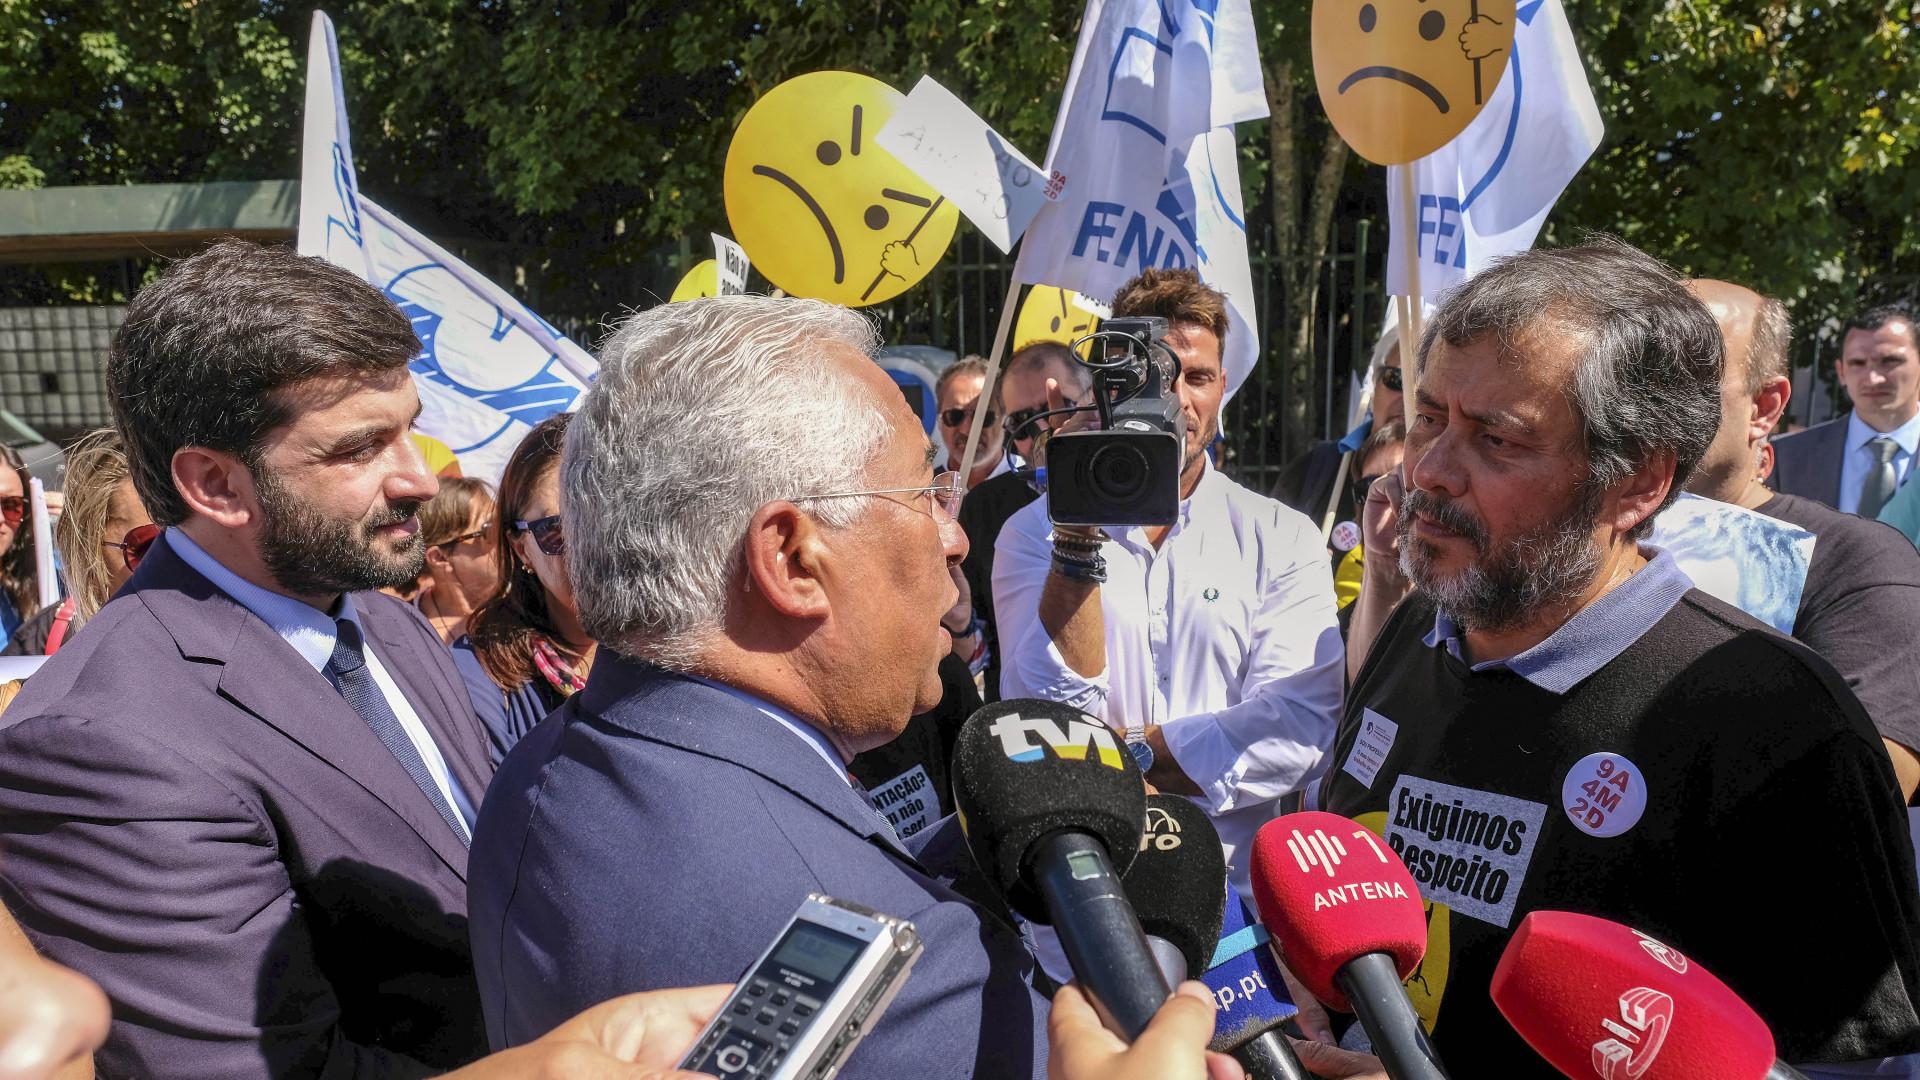 Costa e Nogueira trocam 'galhardetes' na rua por causa dos professores